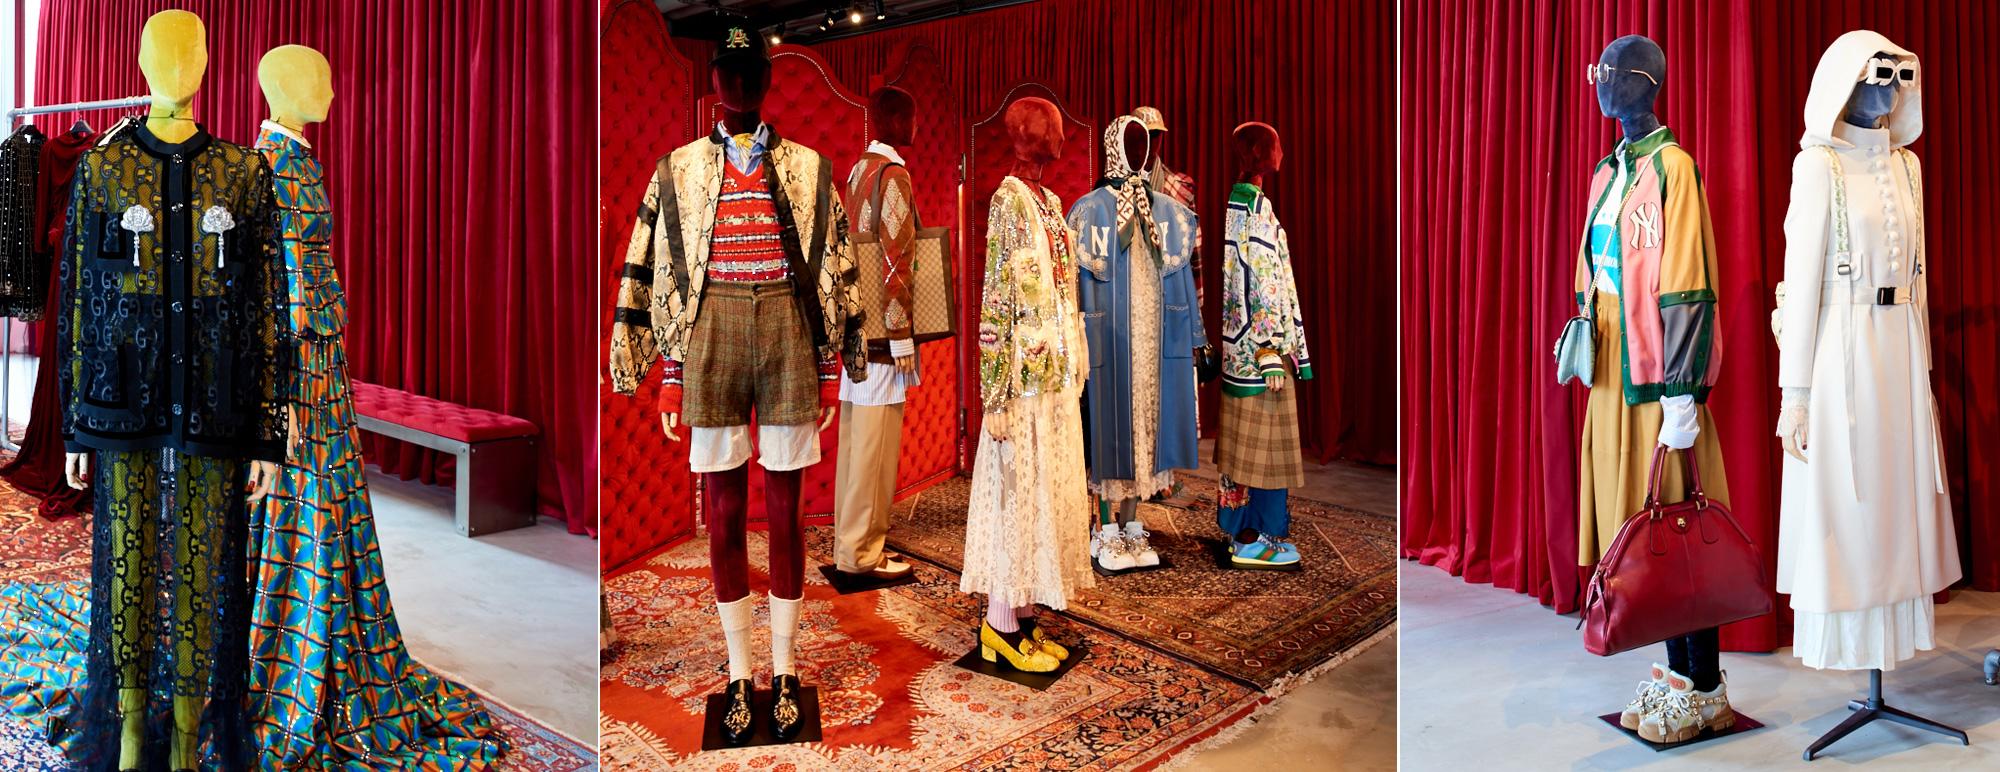 Pencarian Identitas Pribadi Pada Koleksi Gucci Musim Fall Winter 2018